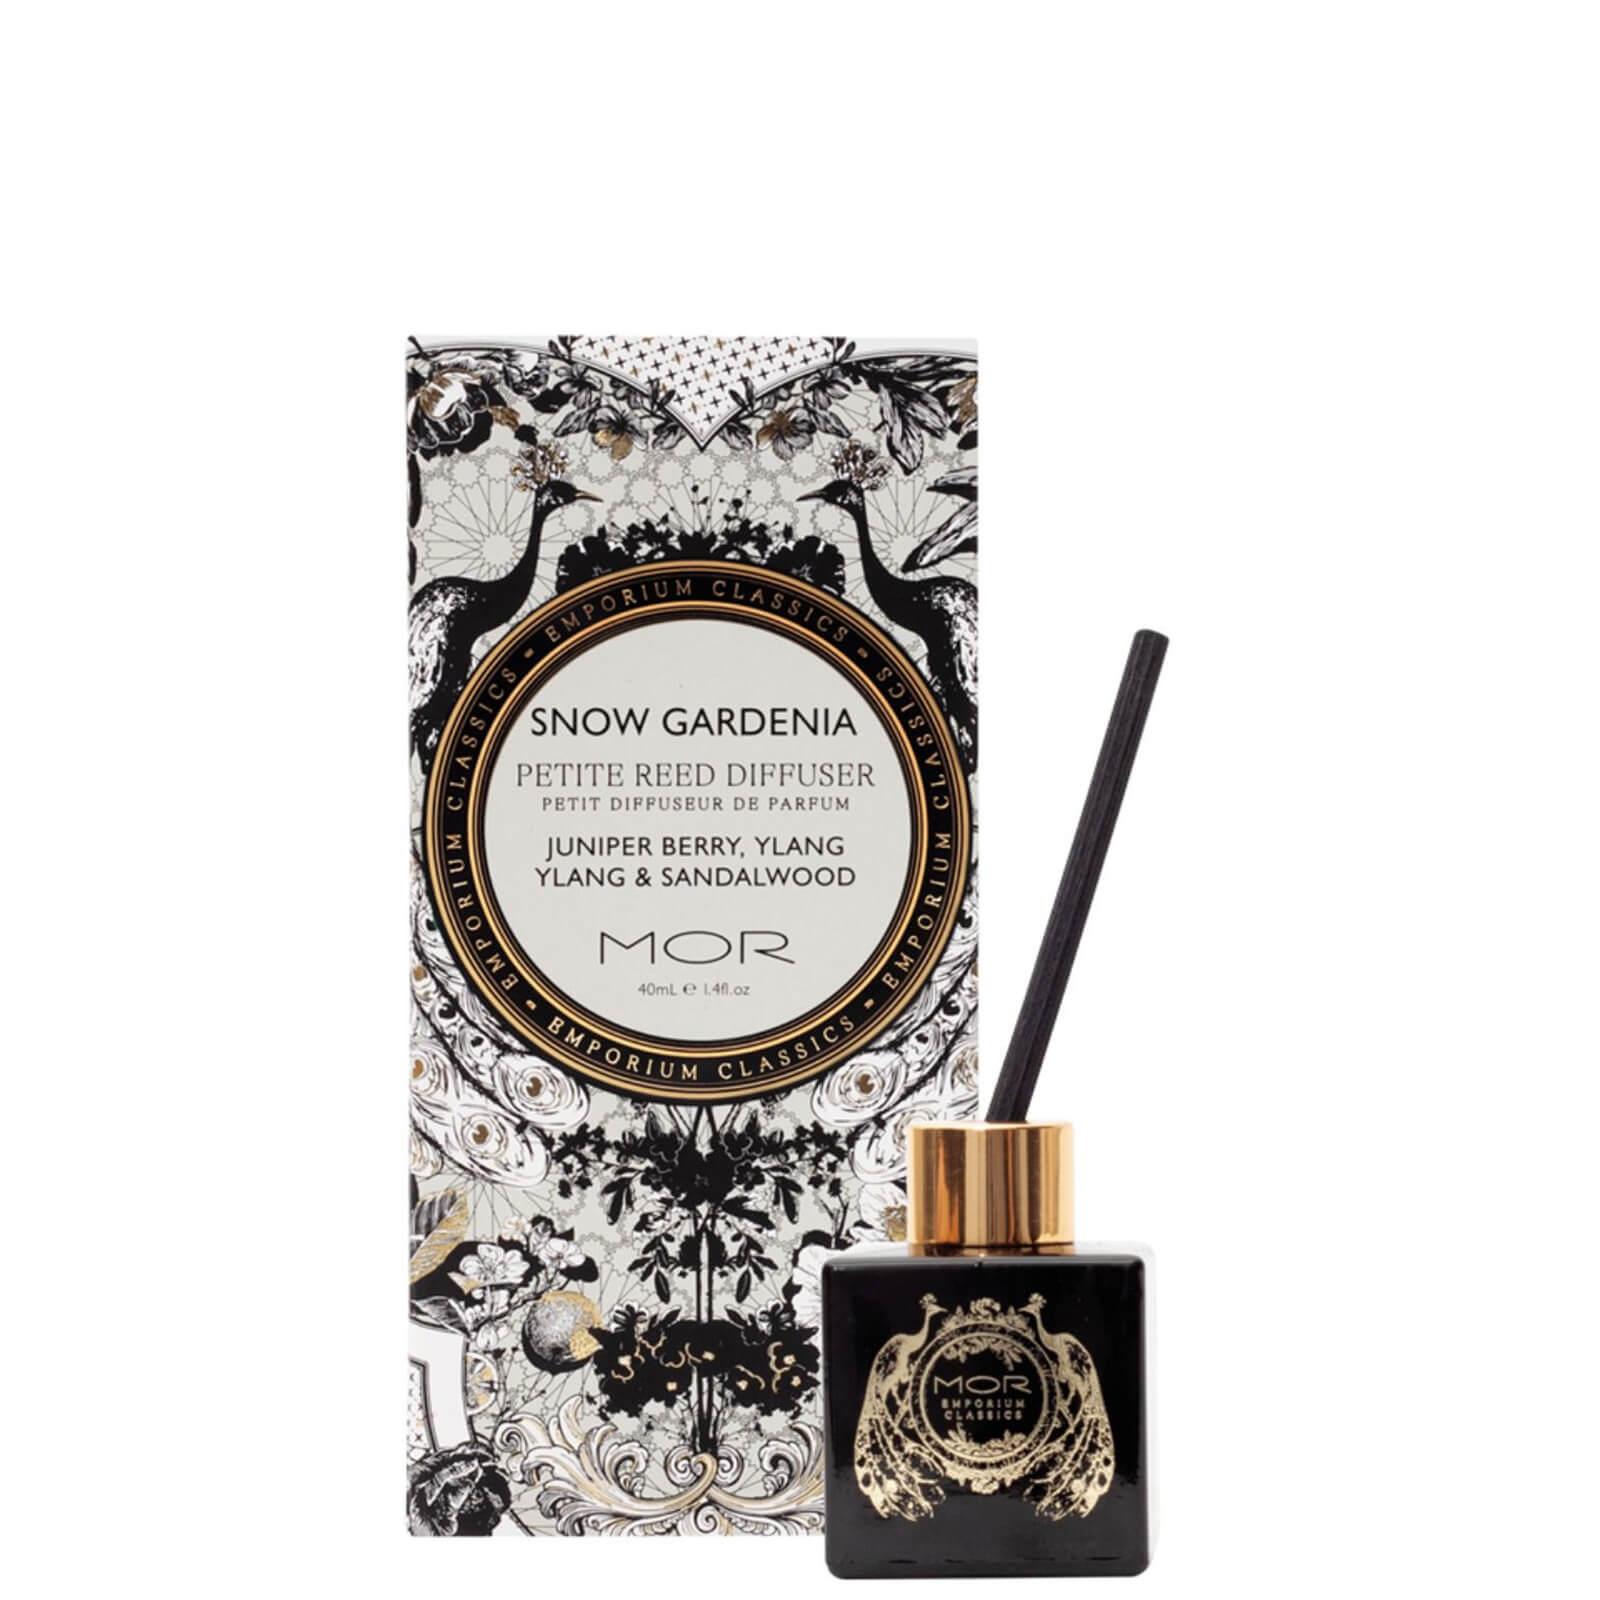 MOR Emporium Classics Snow Gardenia Petite Reed Diffuser 40ml  - Купить